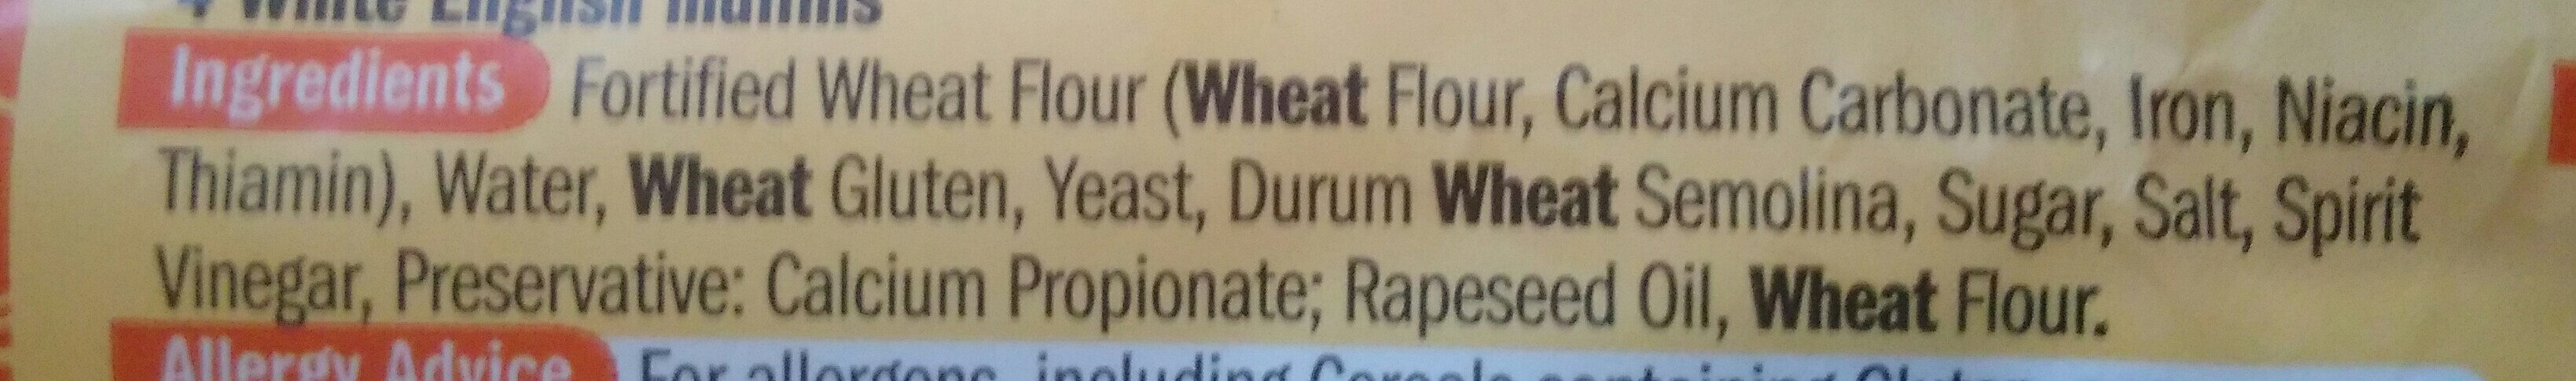 Muffins - Ingrediënten - en